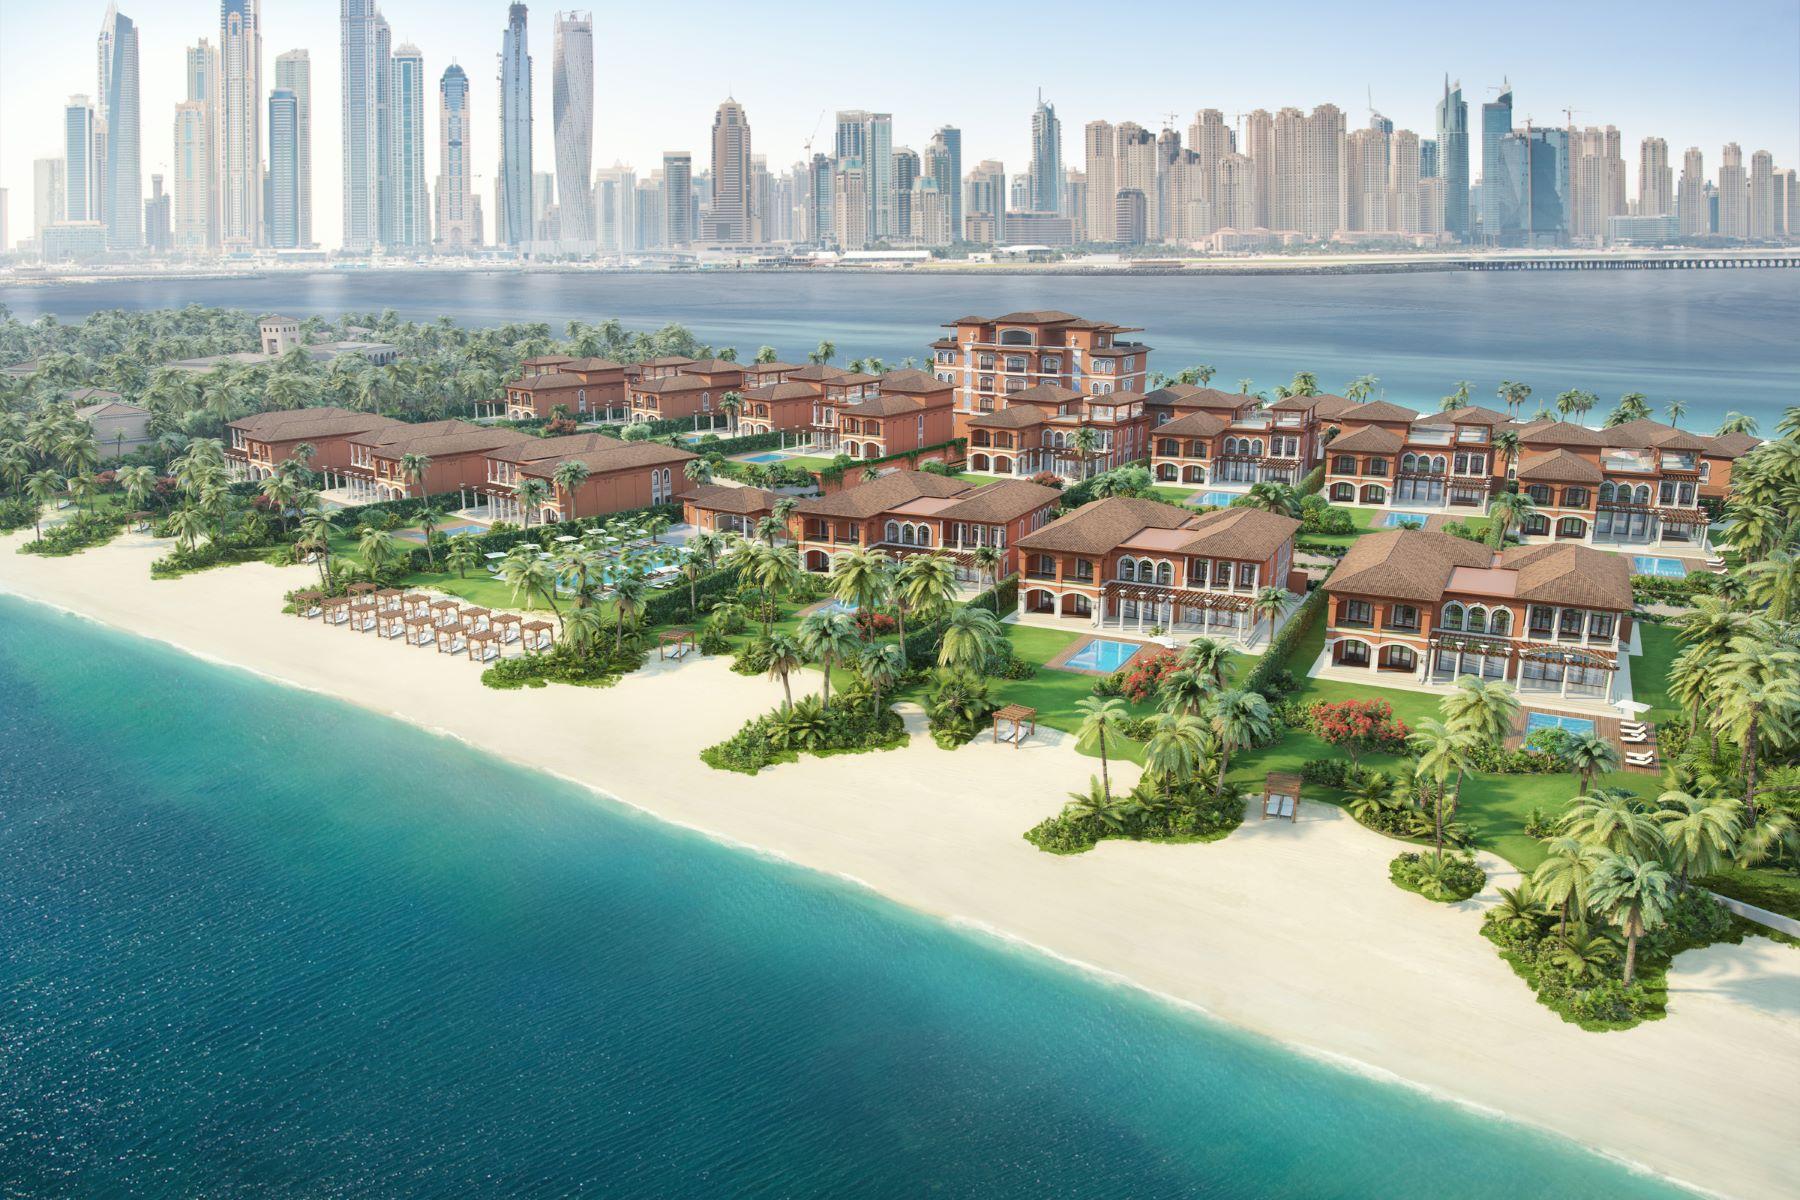 アパート のために 売買 アット Contemporary or Classic Penthouse with Uncompromising quality and Views Palm Jumeirah XXII Carat, Dubai, 00000 アラブ首長国連邦